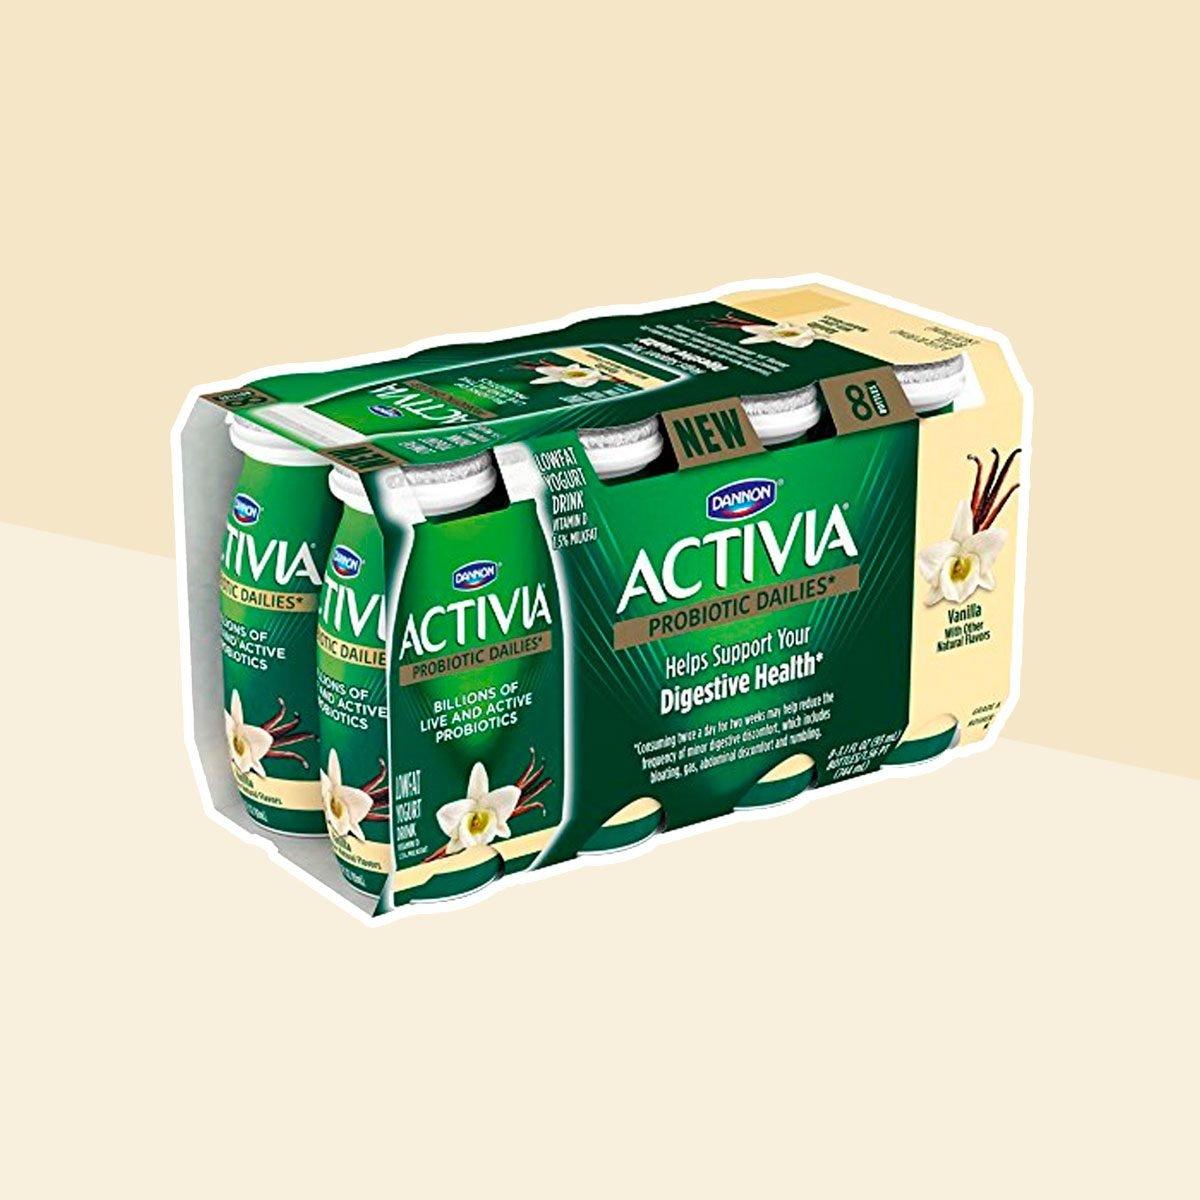 Activia Probiotic Dailies